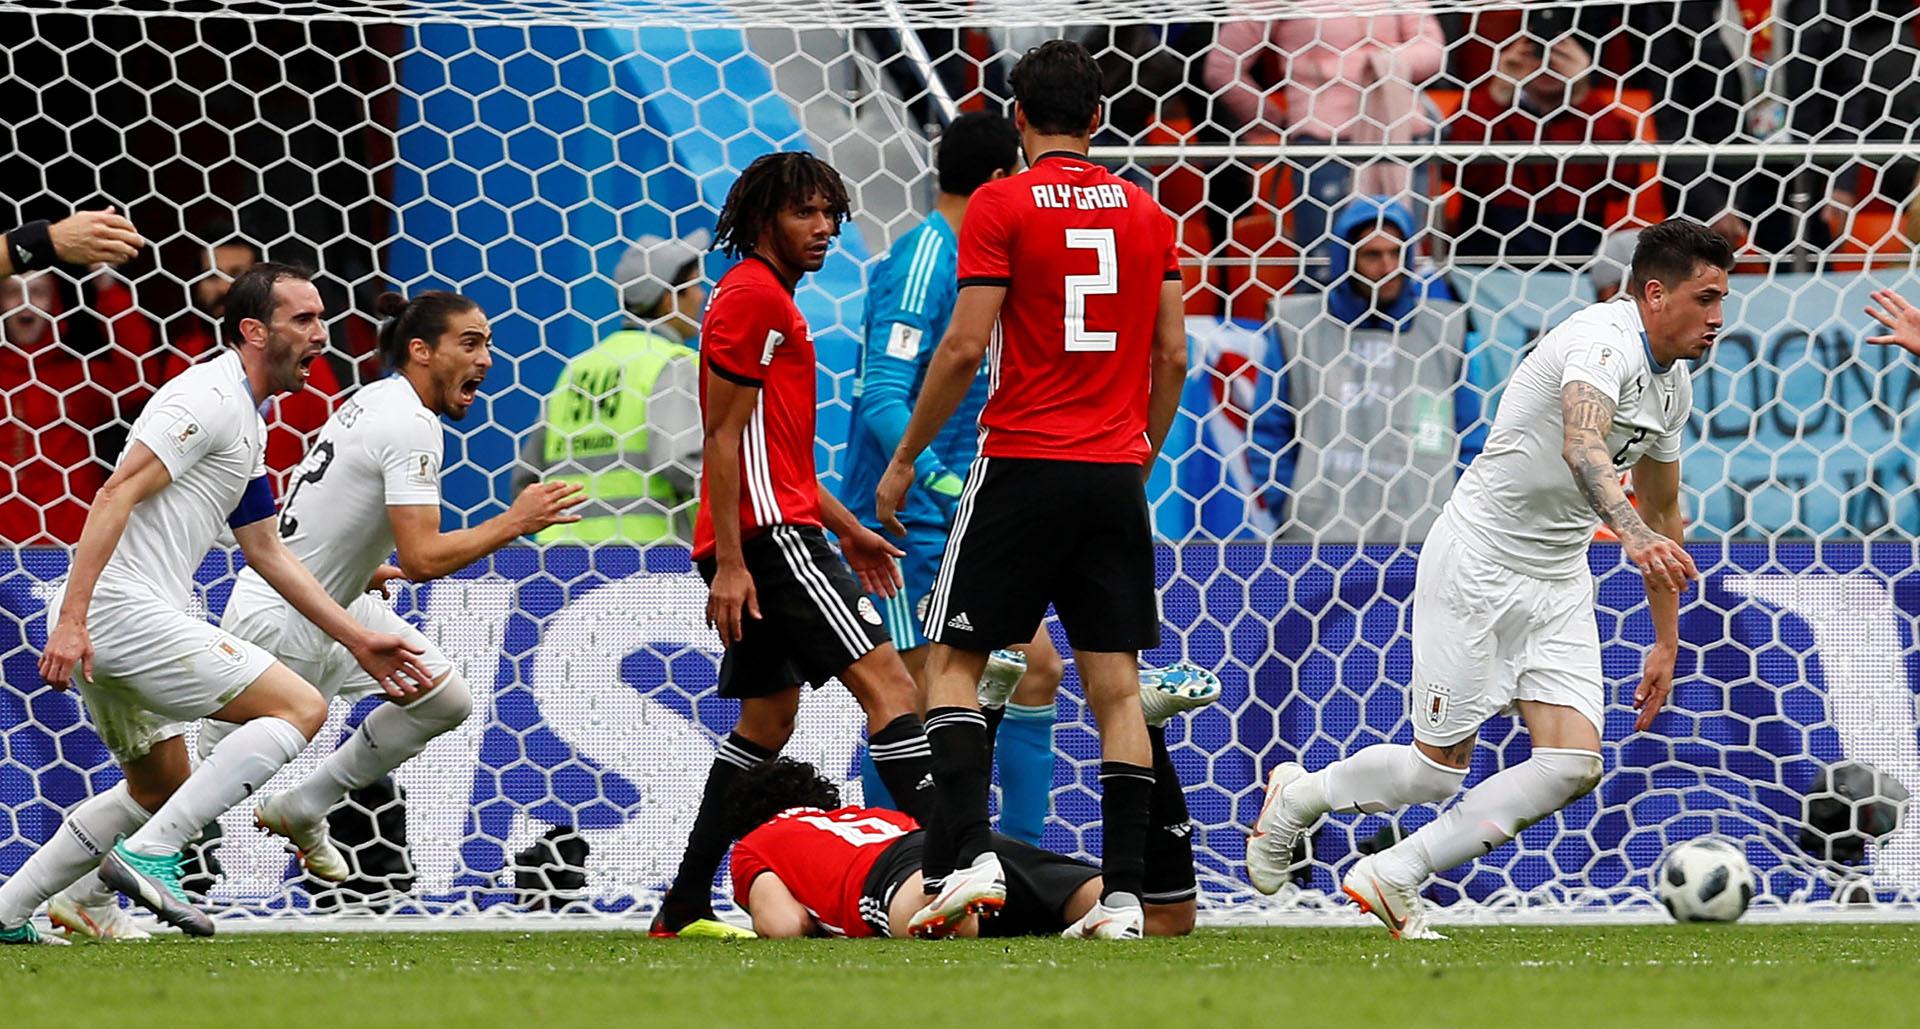 Egipto no pudo aguantar el empate